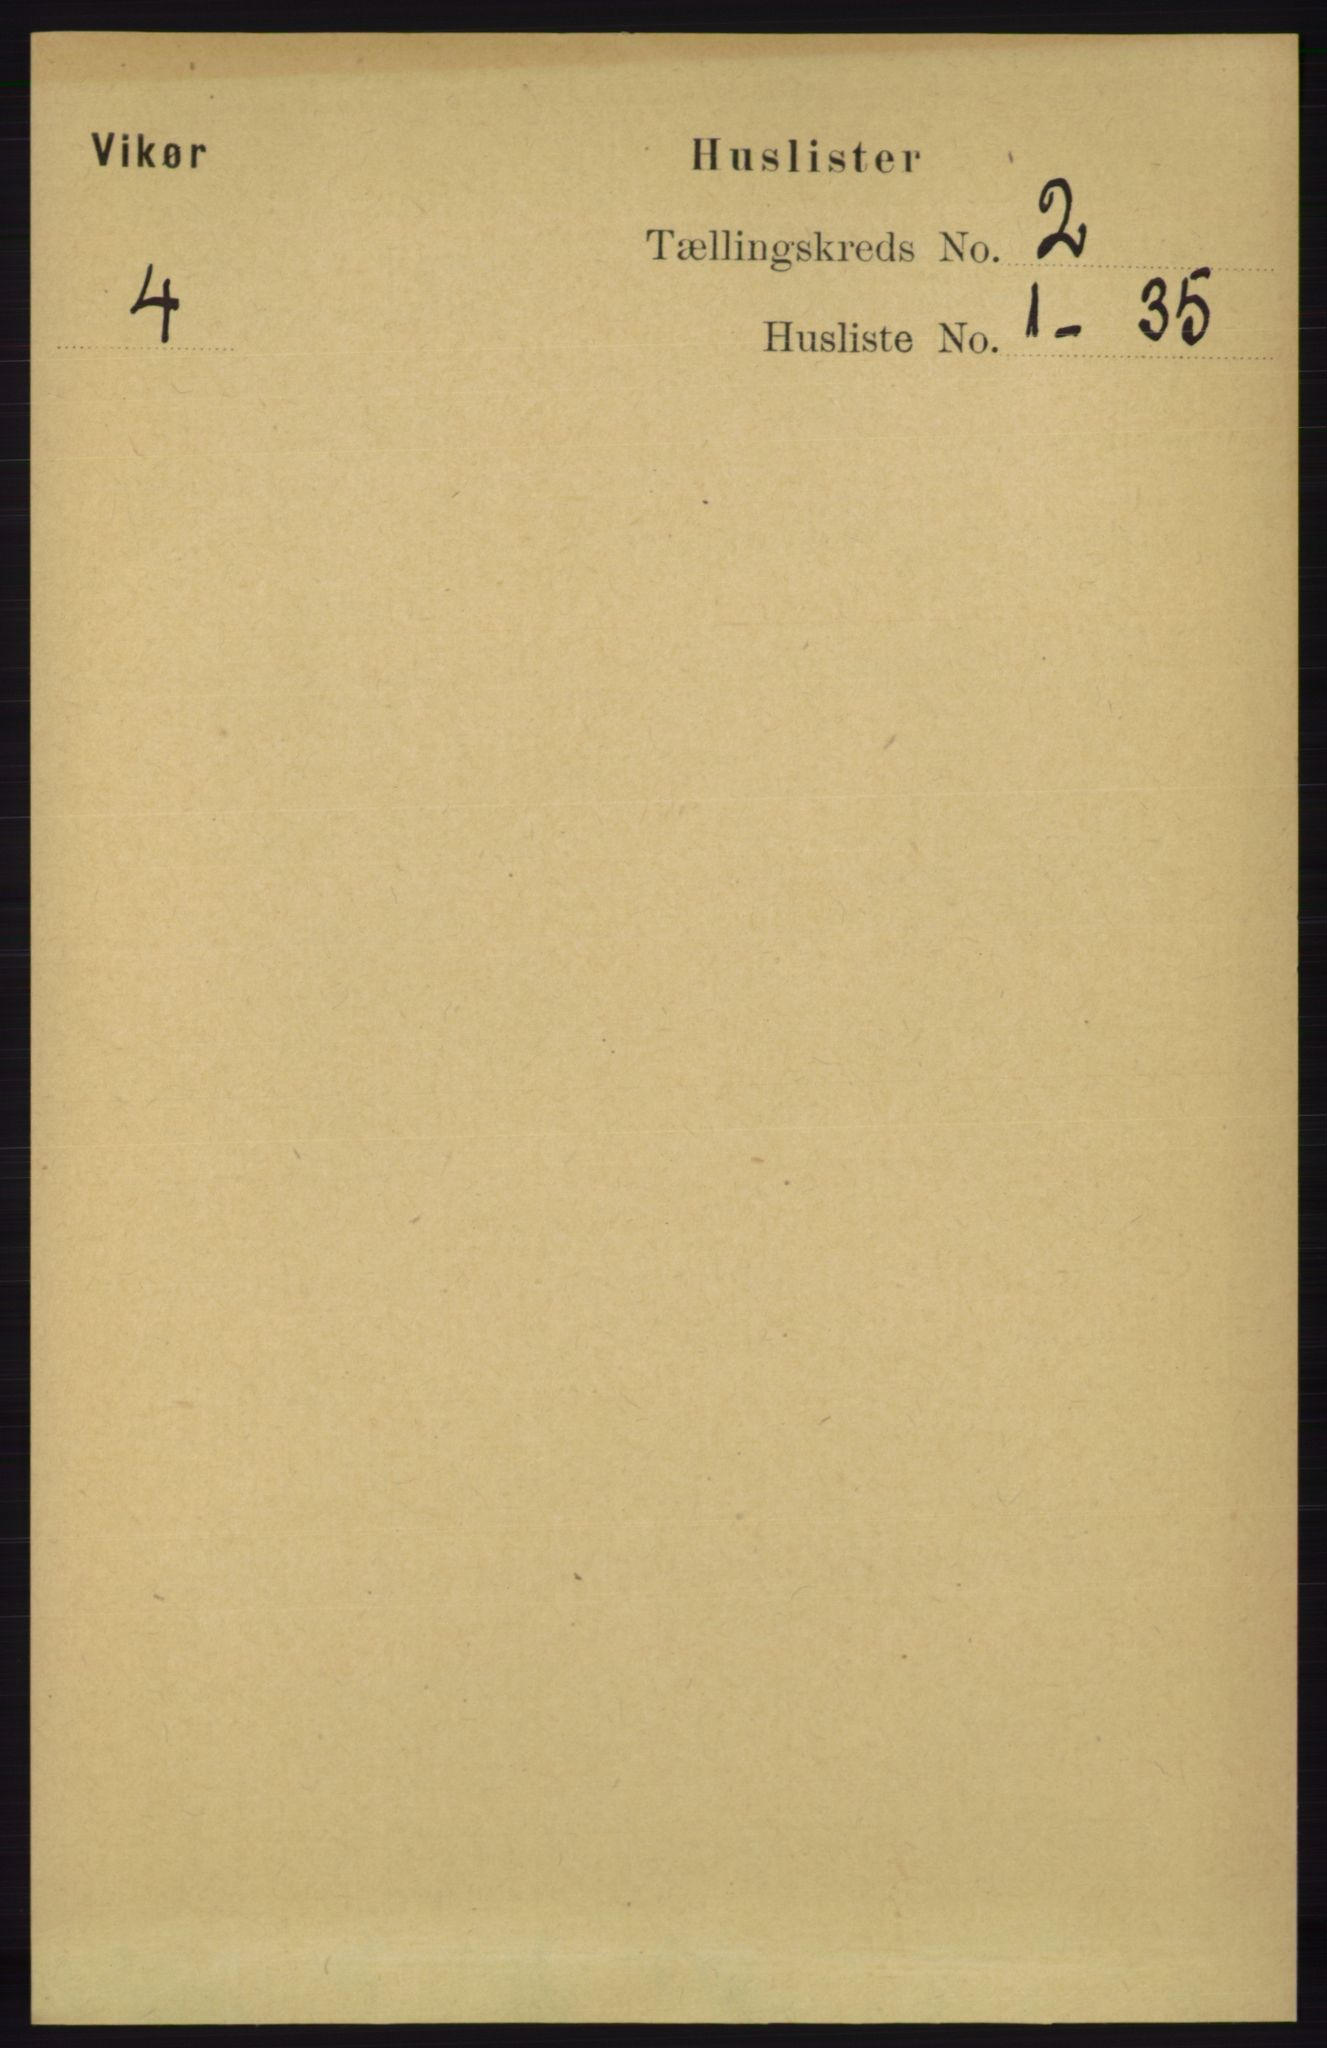 RA, Folketelling 1891 for 1238 Vikør herred, 1891, s. 442